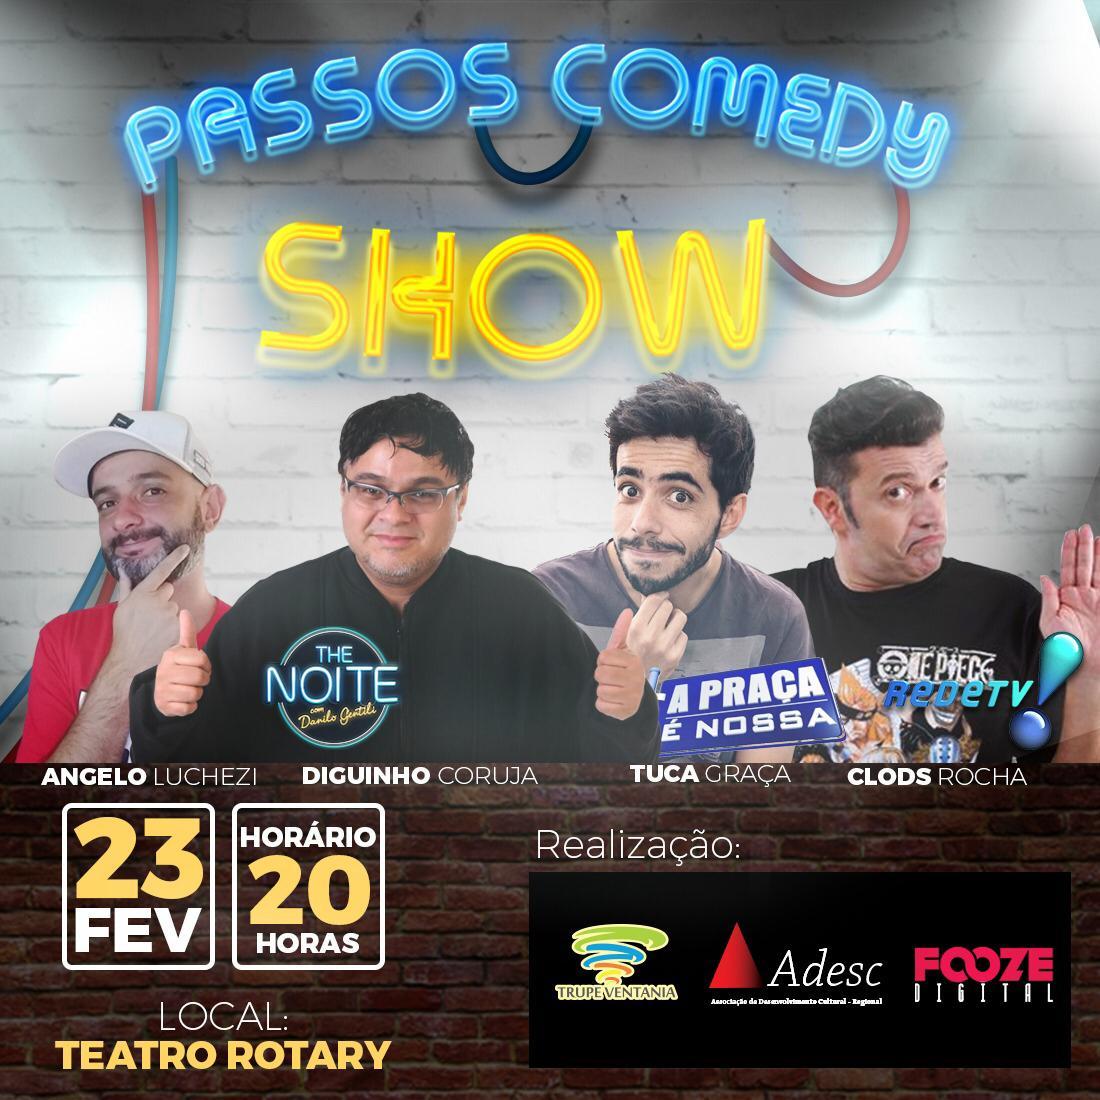 Teatro Rotary - Passos Comedy Show